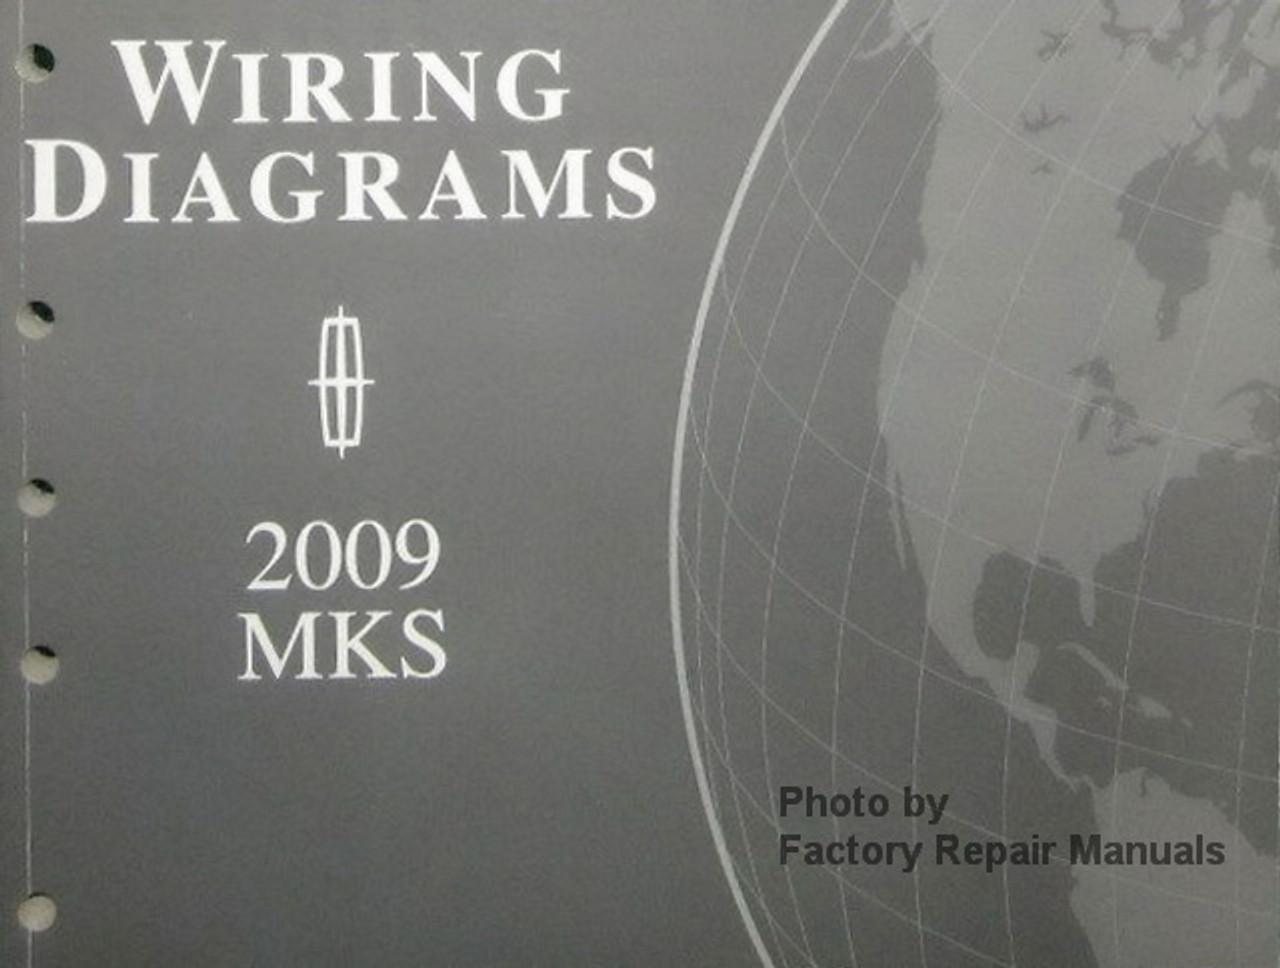 2009 Lincoln MKS Electrical Wiring Diagrams - Original Ford Manual -  Factory Repair ManualsFactory Repair Manuals